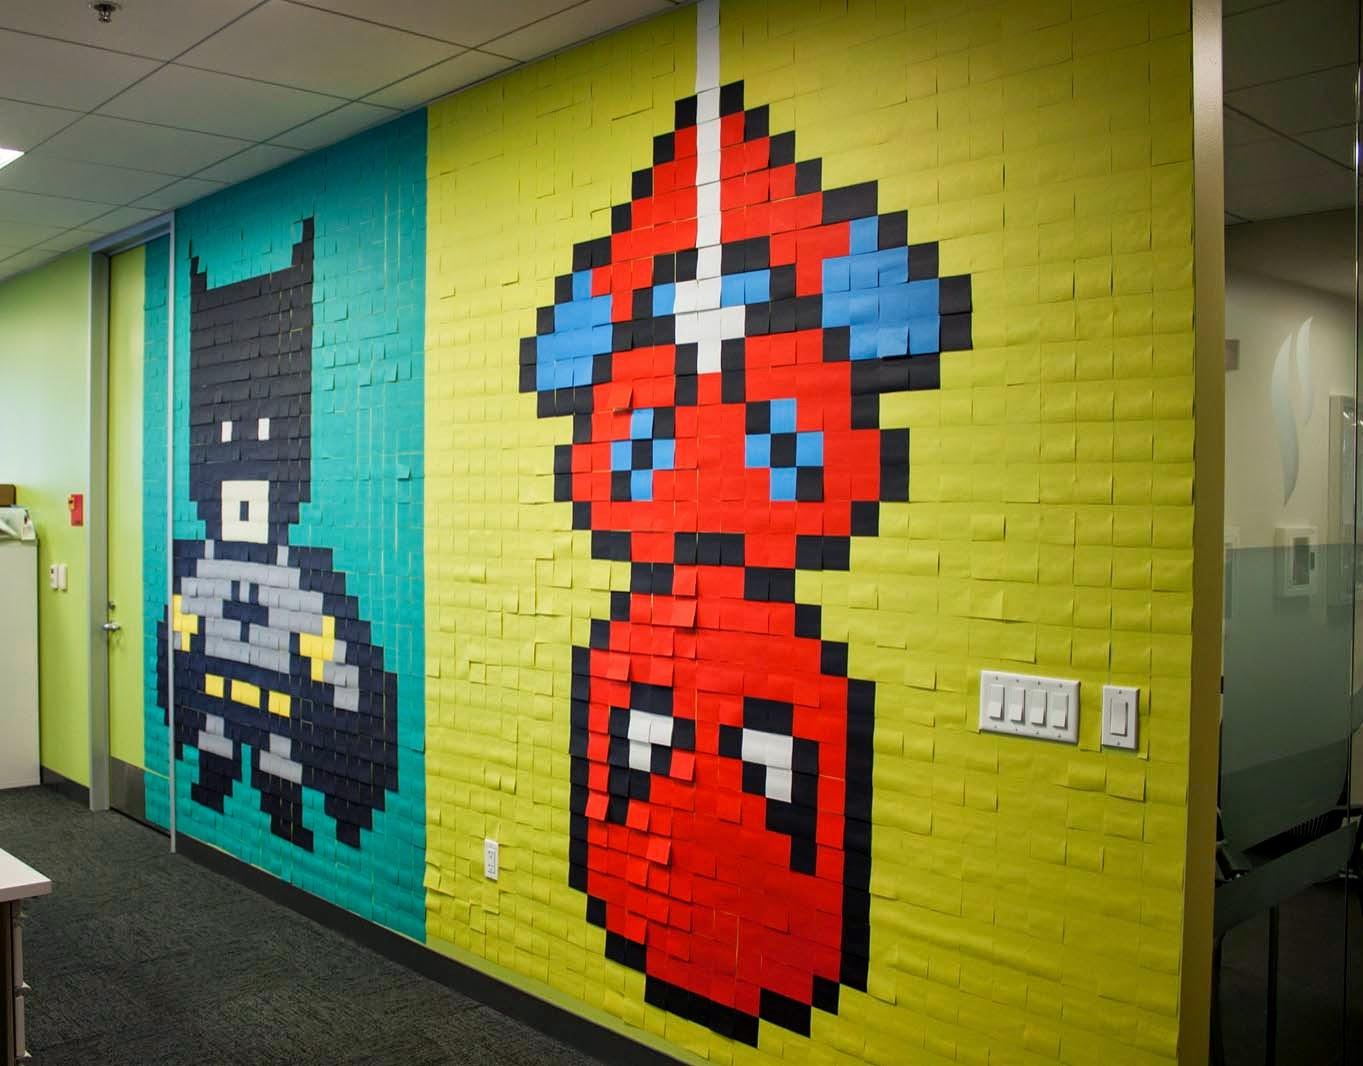 Superman Wall Murals Bruck7 Creates Quot Pixel Superheroes Quot A New Indoor